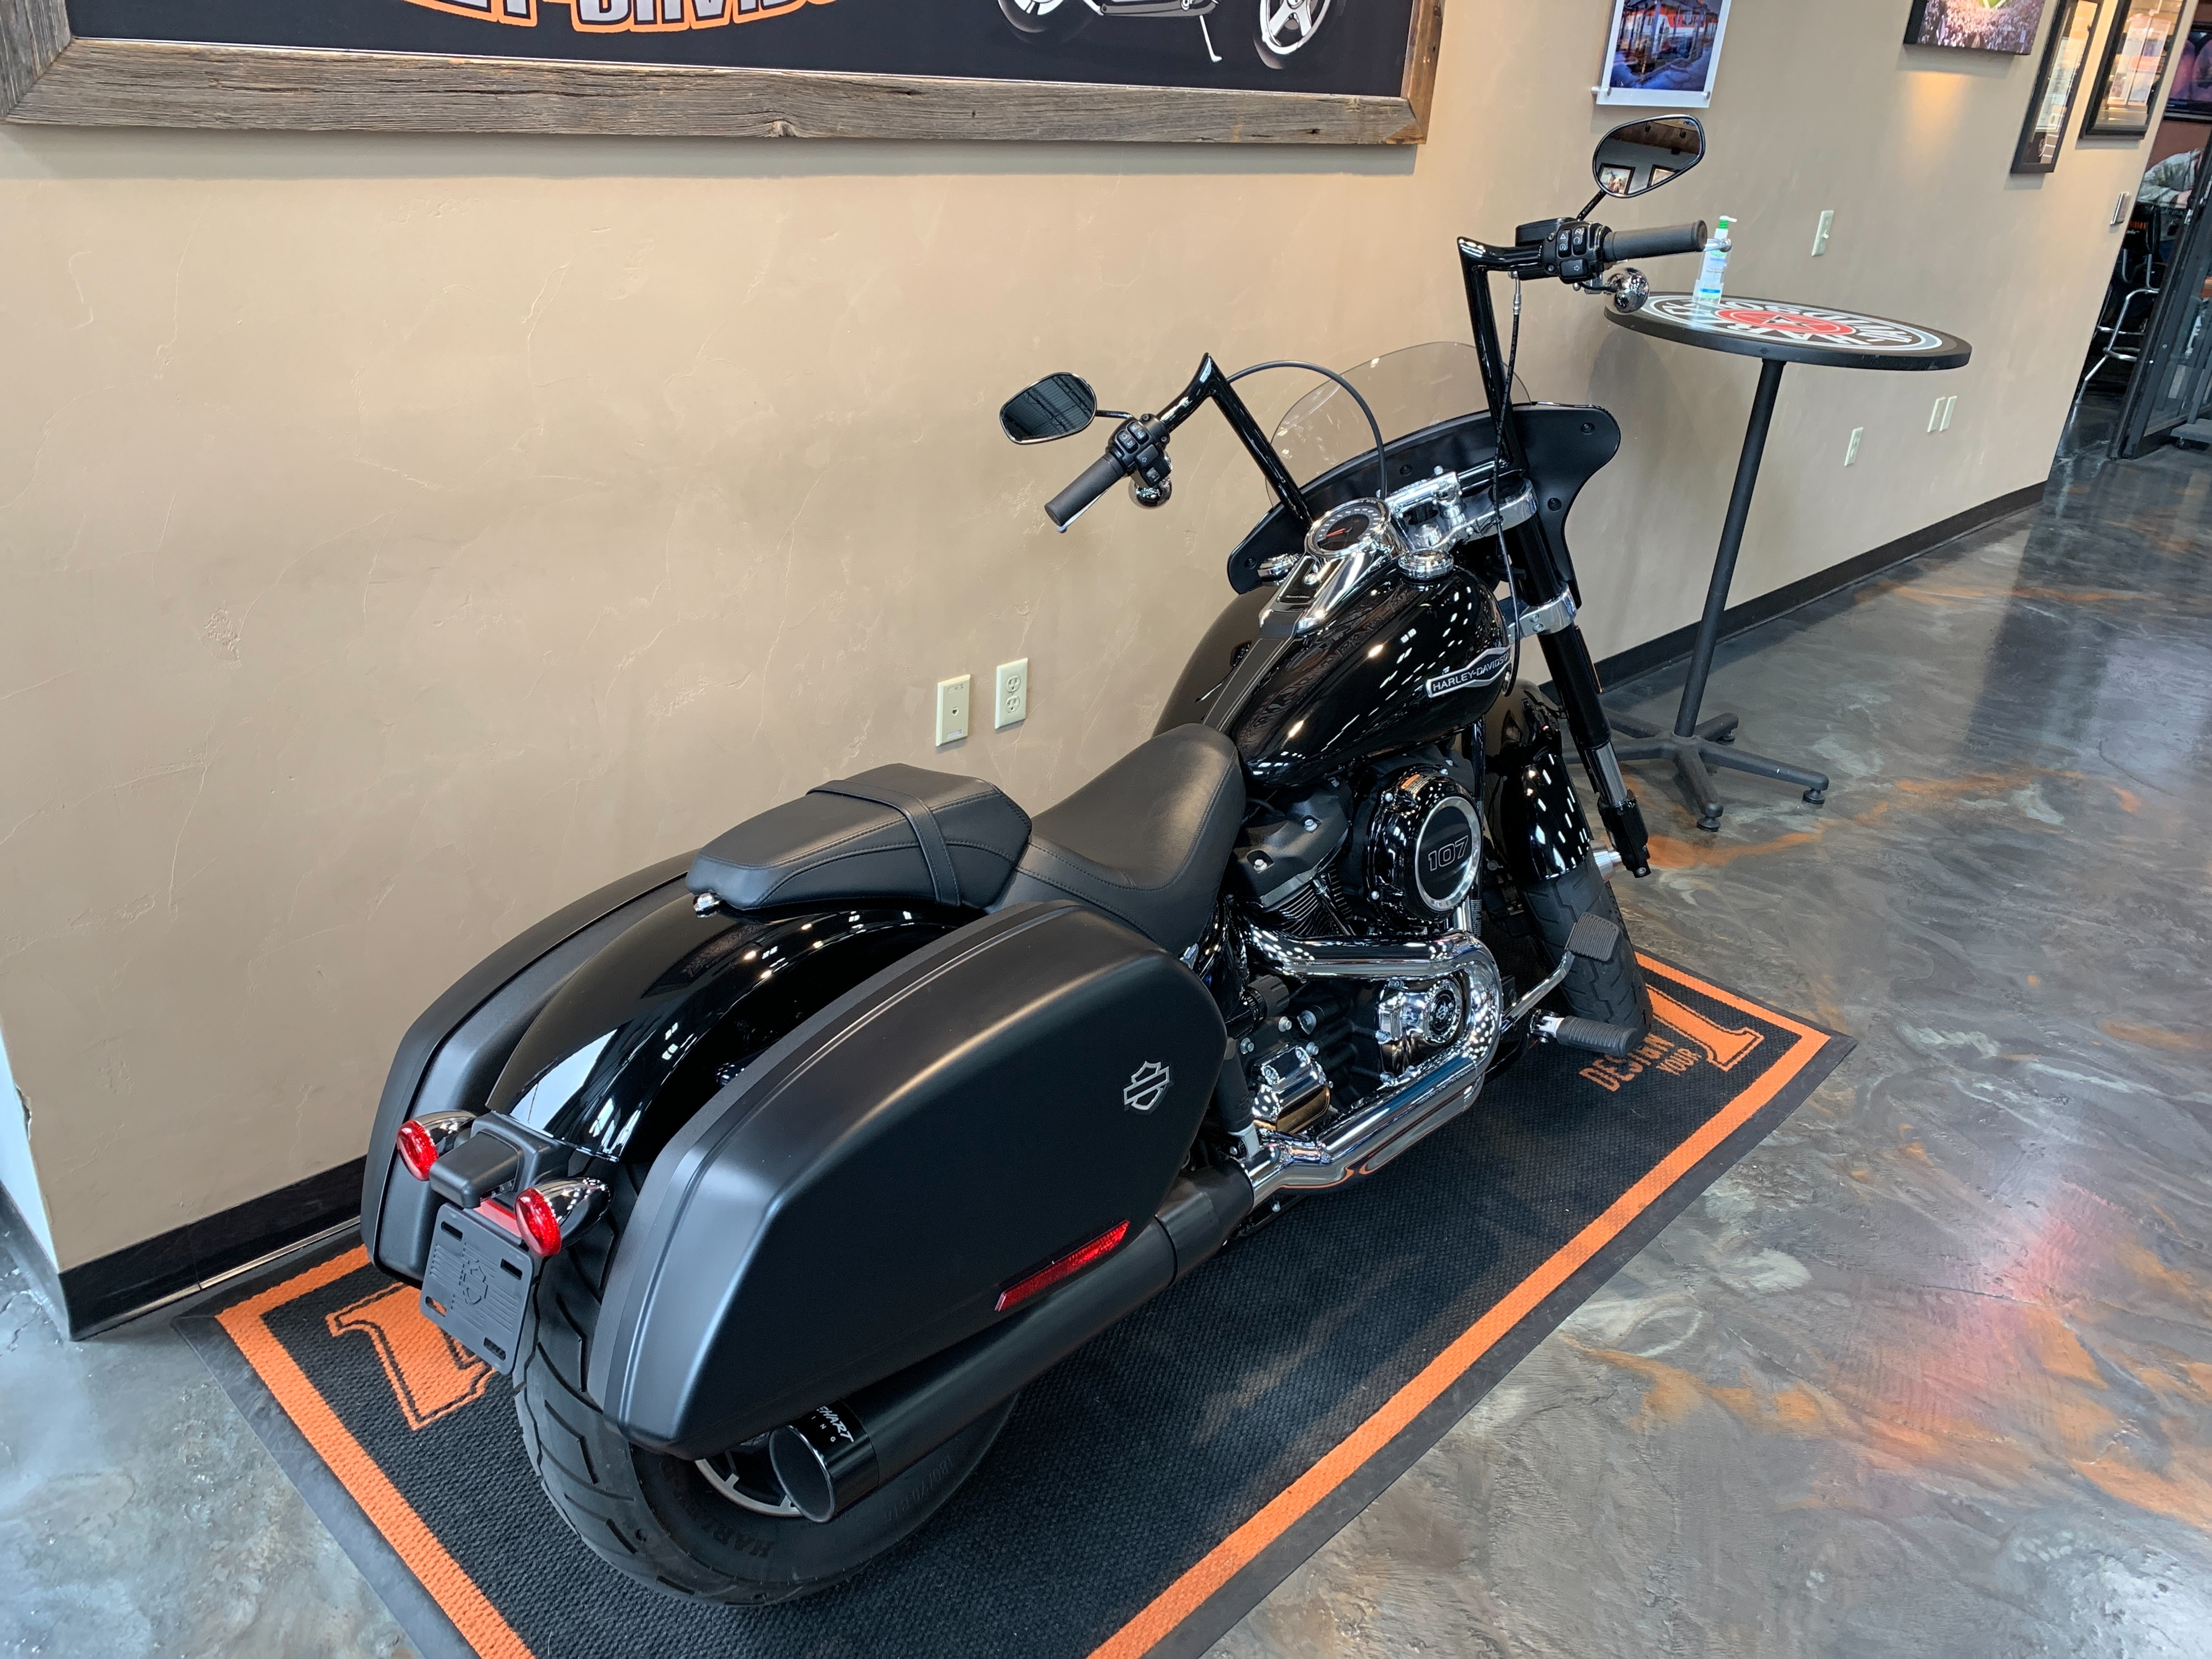 2018 Harley-Davidson Softail Sport Glide at Vandervest Harley-Davidson, Green Bay, WI 54303